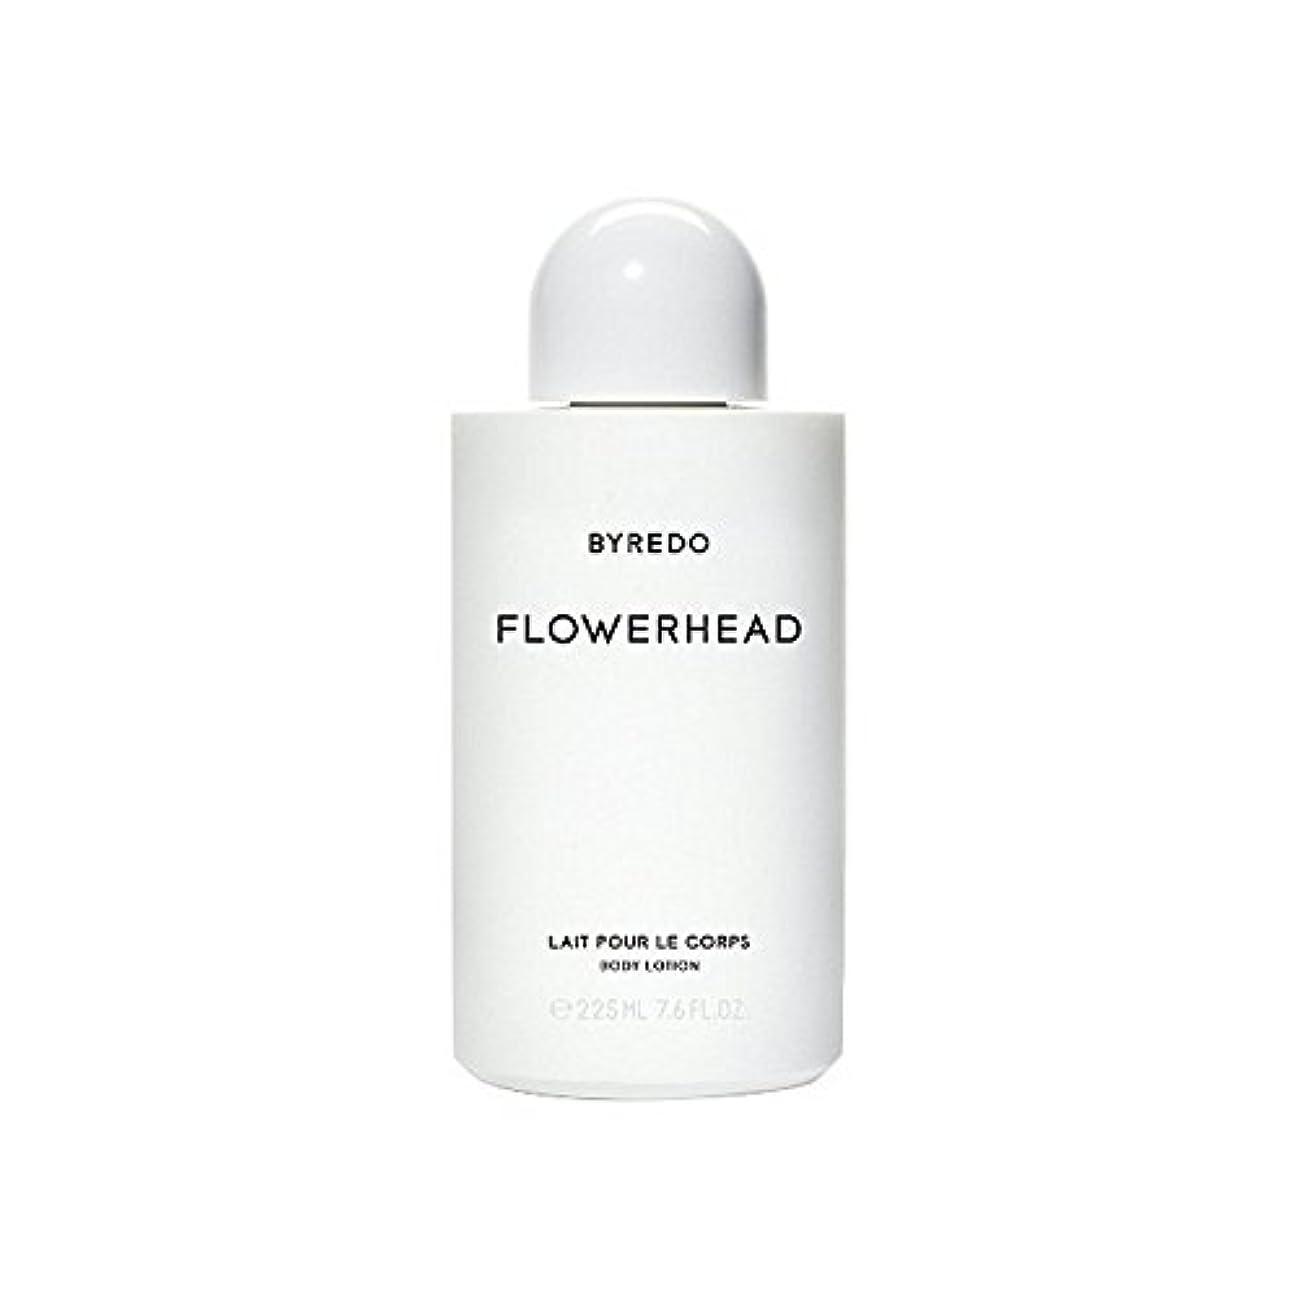 ジェット汚染名前を作るボディローション225ミリリットル x4 - Byredo Flowerhead Body Lotion 225ml (Pack of 4) [並行輸入品]